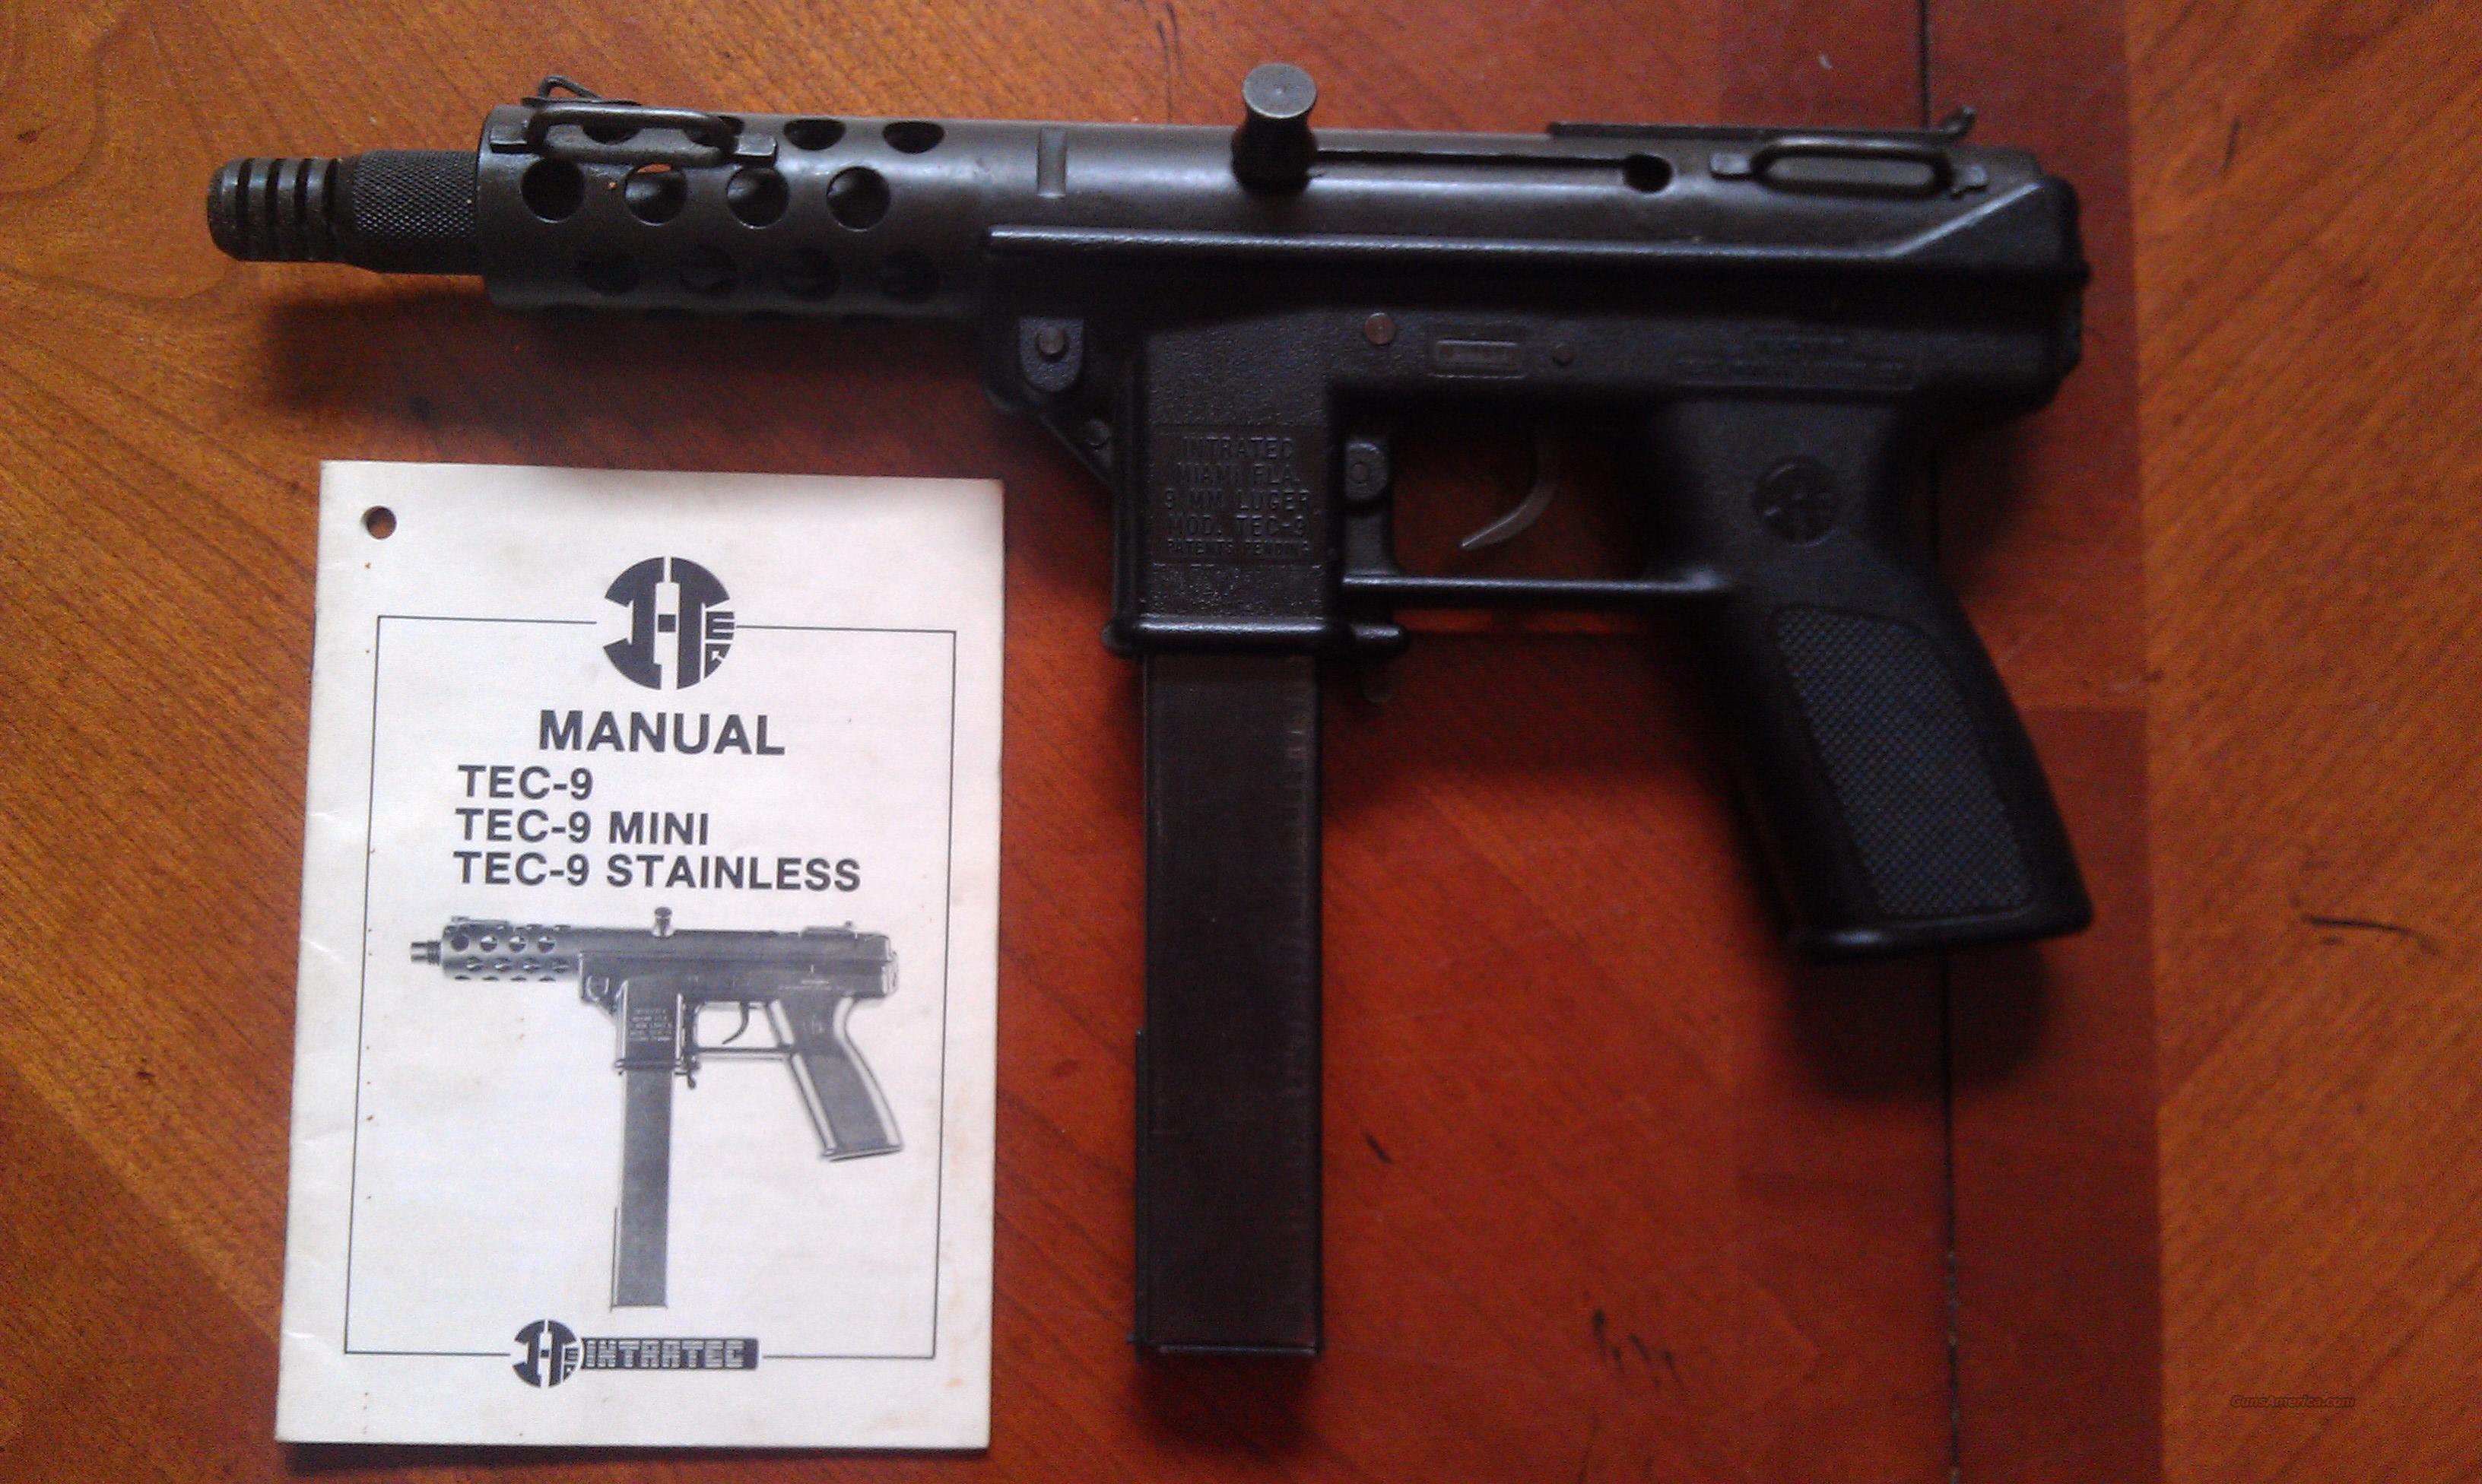 intratec tec 9 for sale rh gunsamerica com TEC-9 Barrel intratec tec-9 owner's manual